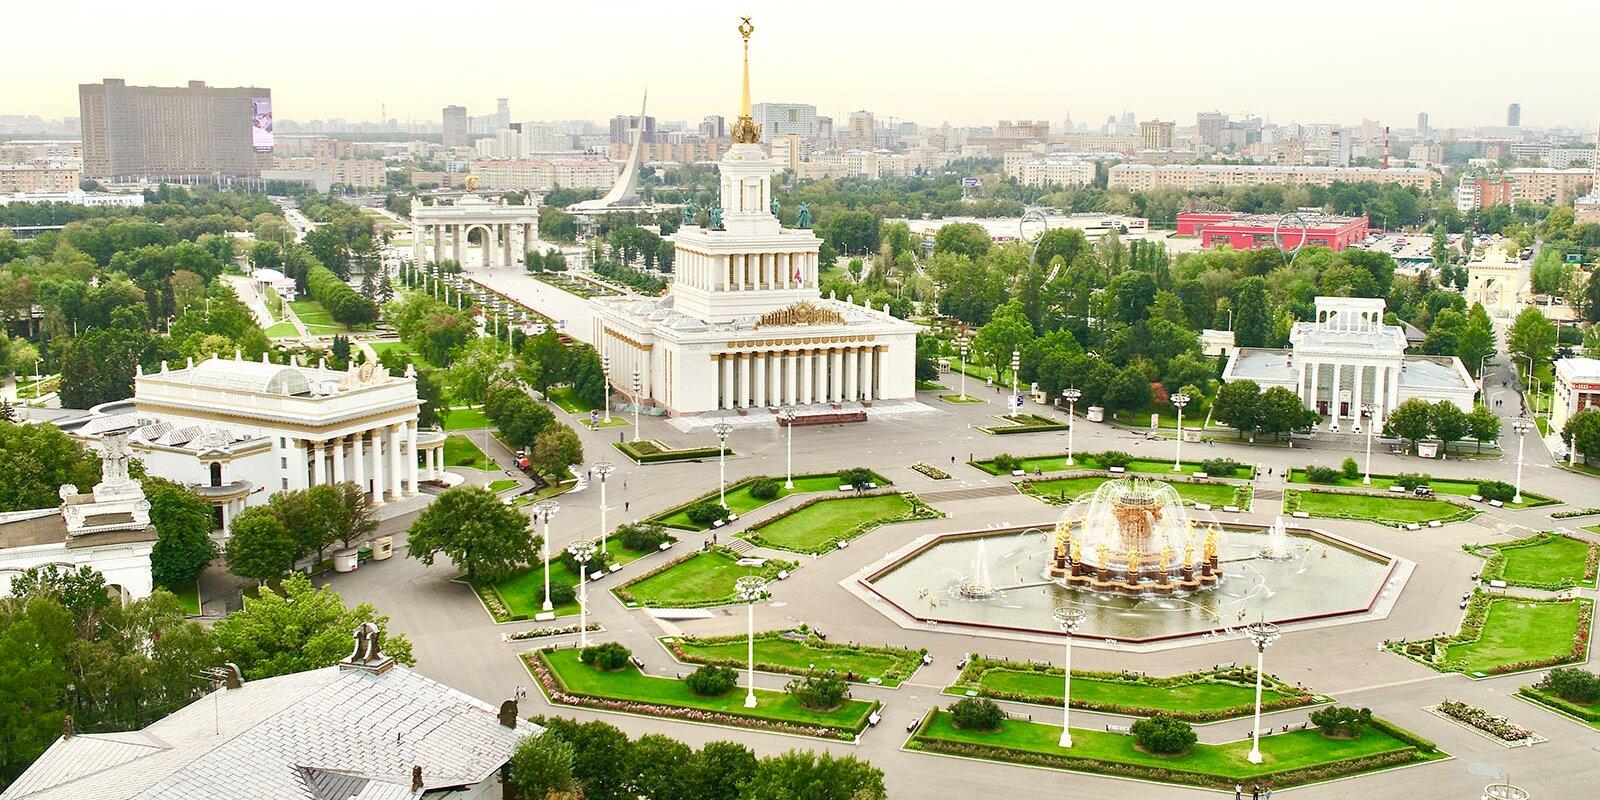 Фото Д. Гришкина. Пресс-служба Мэра и Правительства Москвы